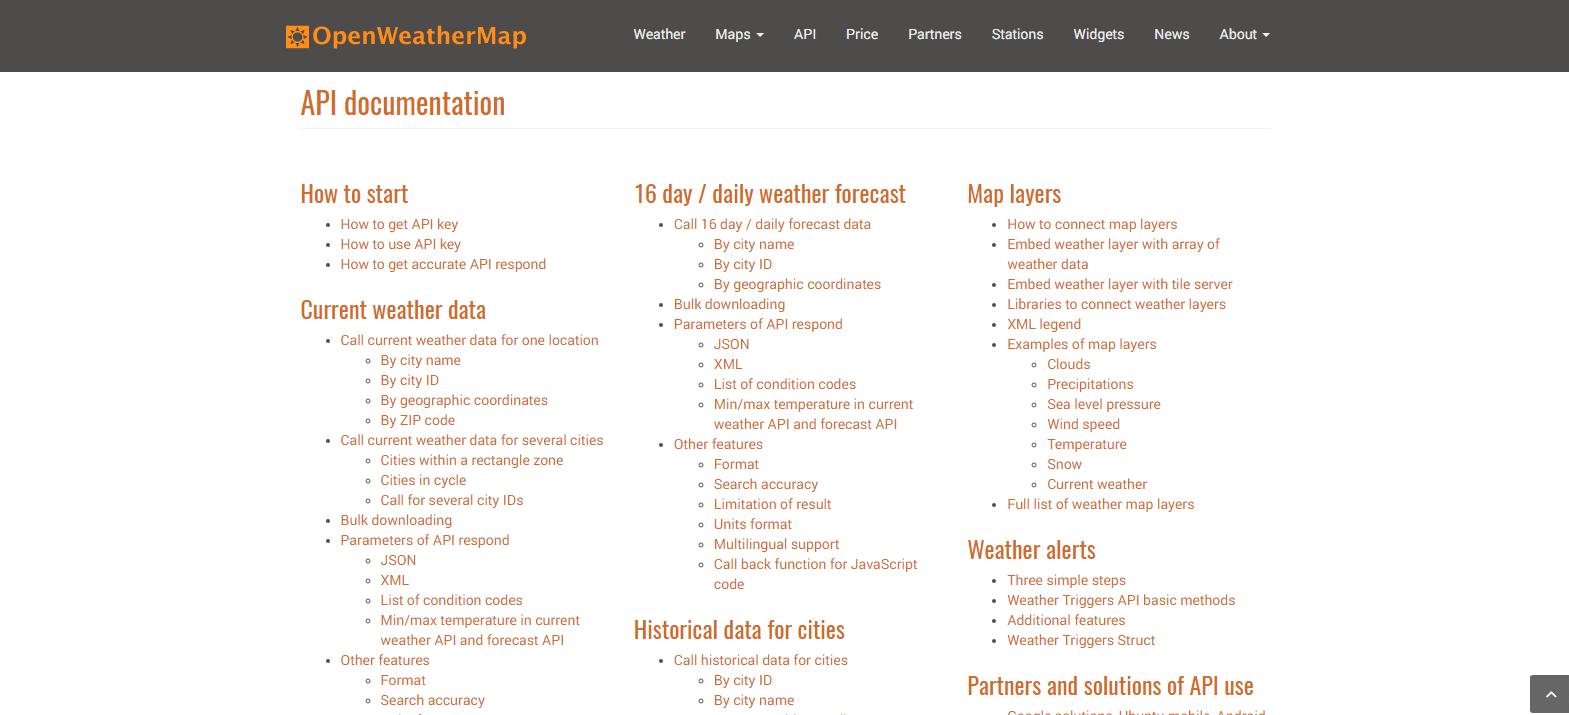 Documentación sobre la API de OpenWeatherMap